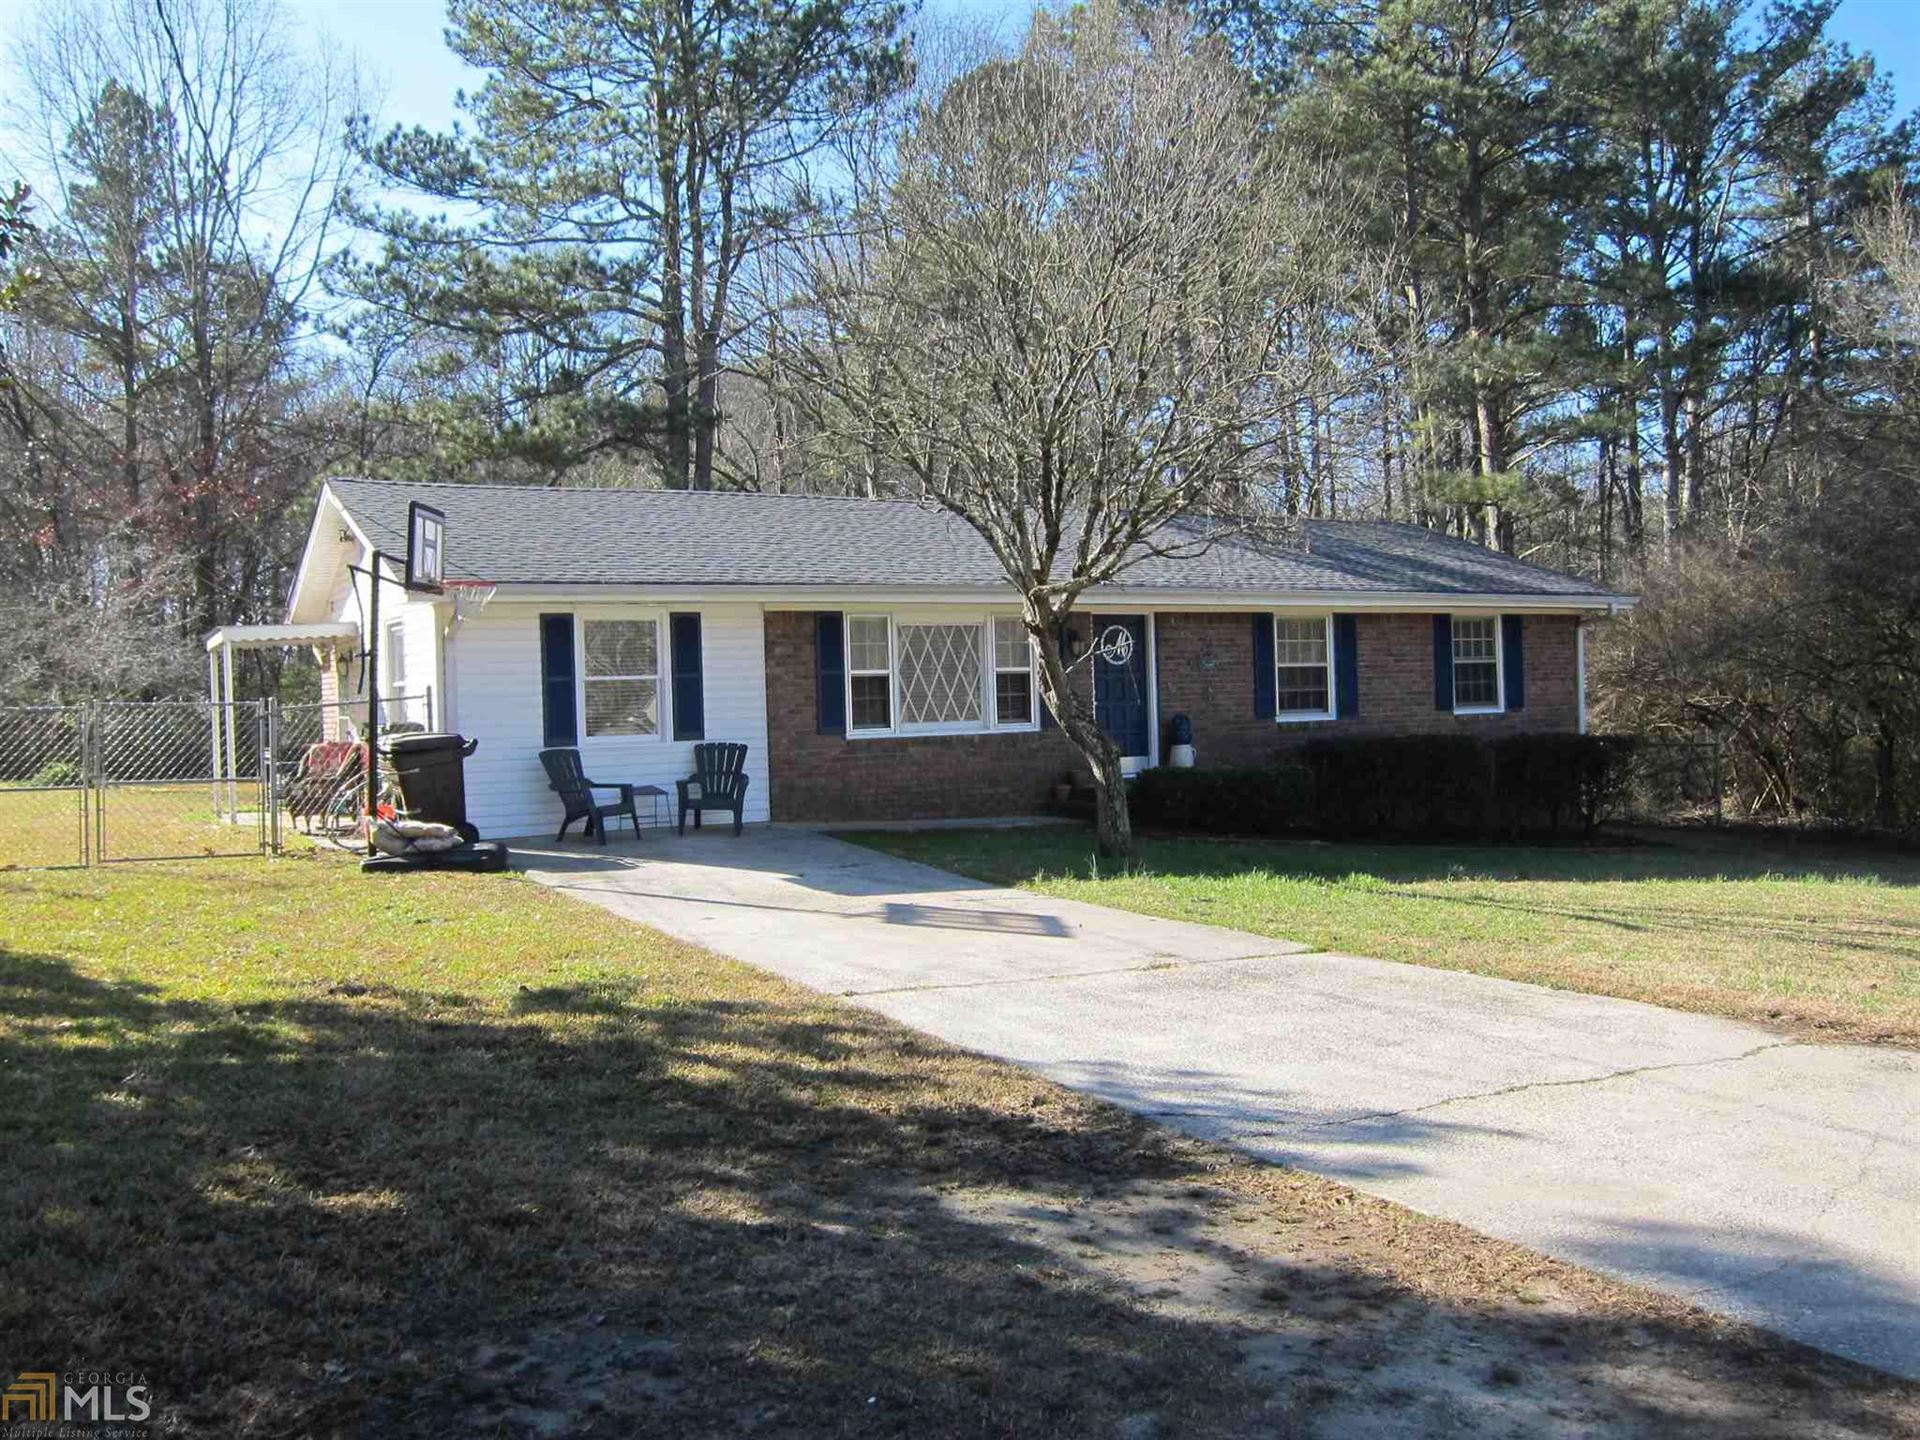 4470 Frank Aiken Rd, Powder Springs, GA 30127 - #: 8914299